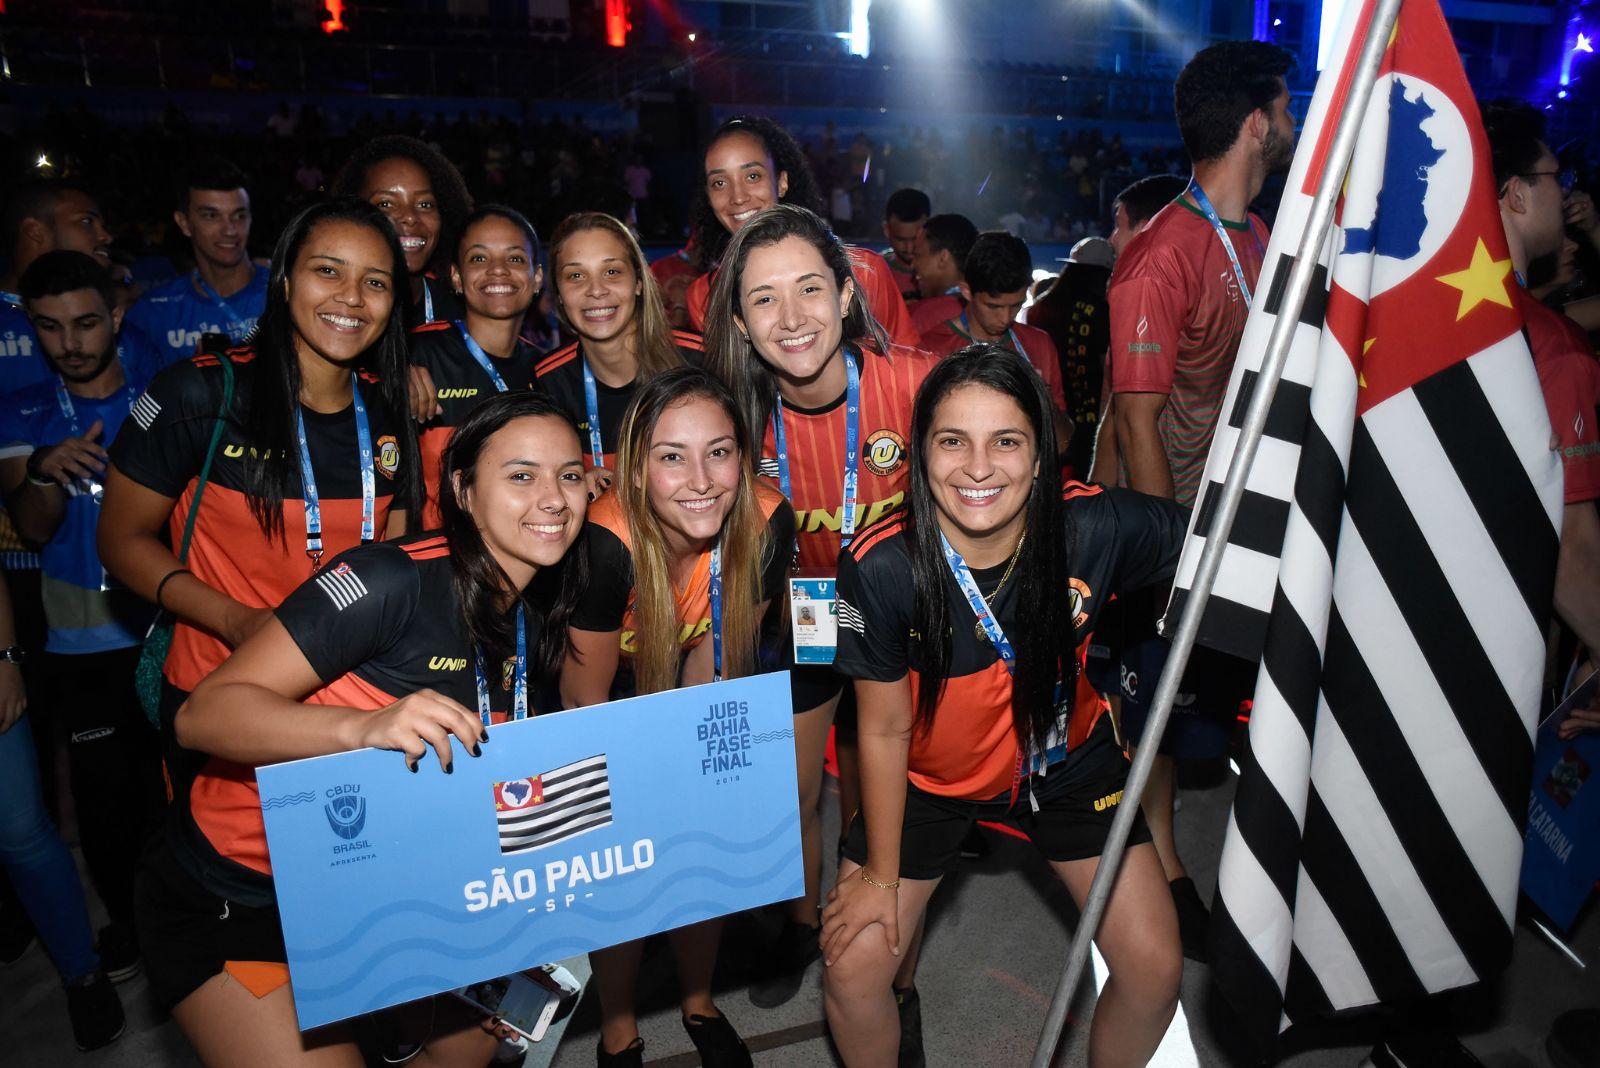 Abertura do JUBs - delegação de São Paulo